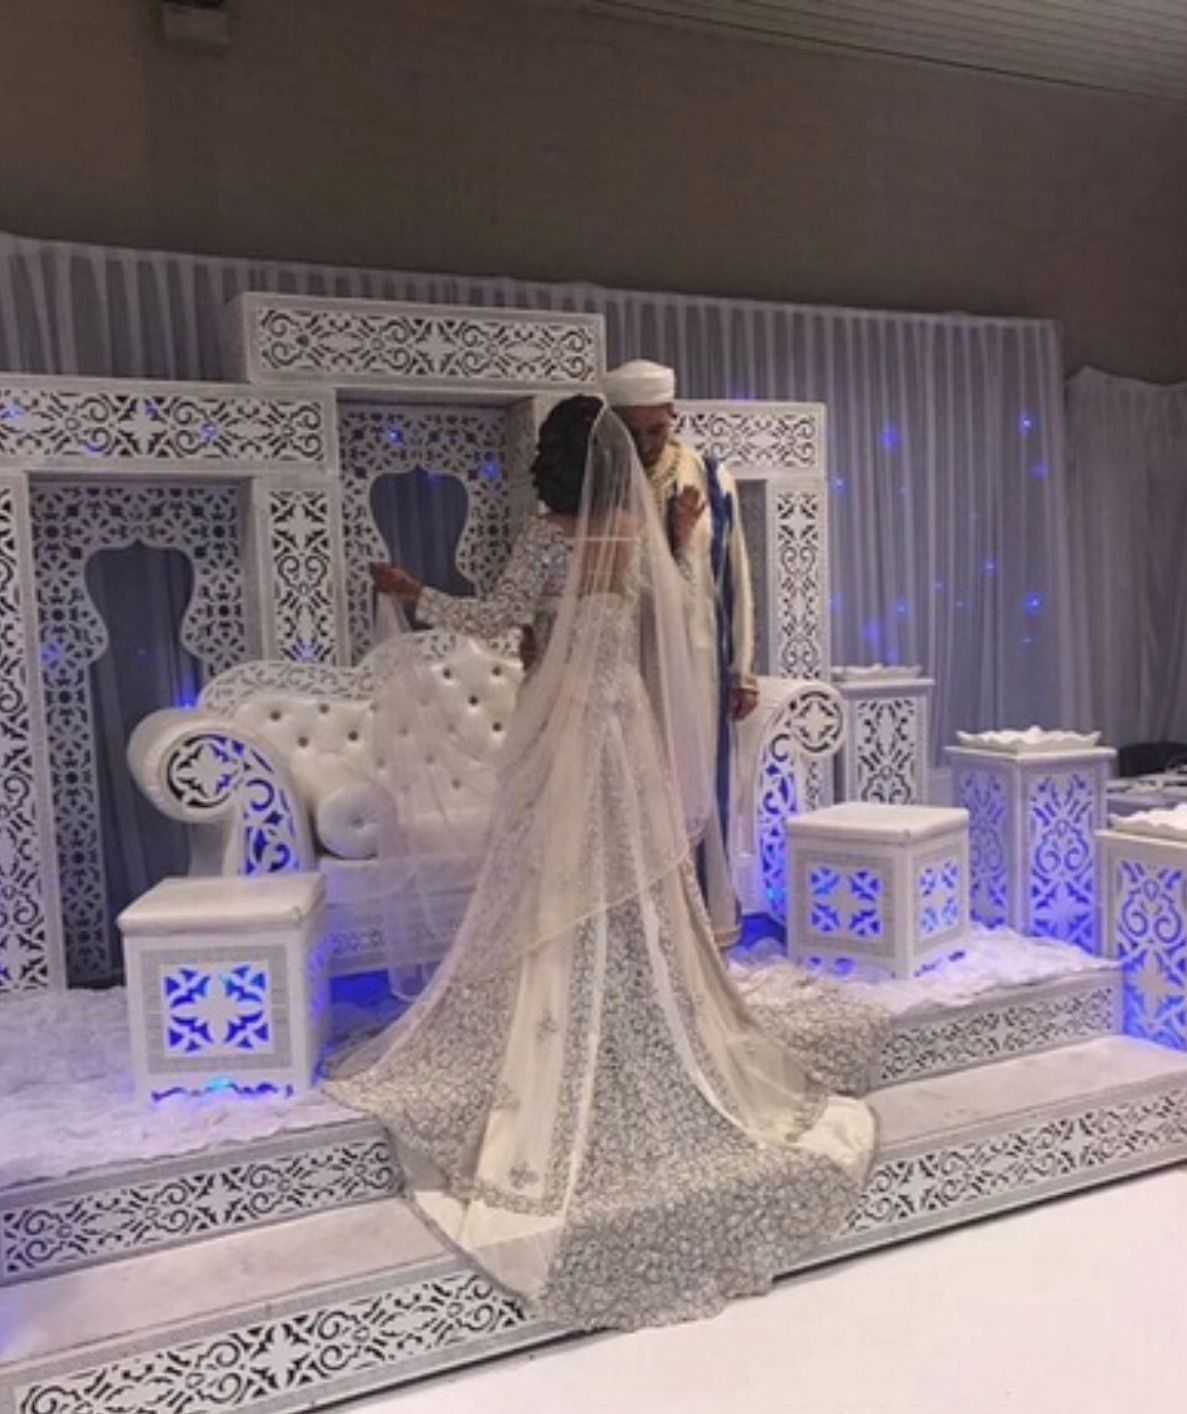 #wattpad #alatory Photo de bonne qualité pour votre chronique?   – here comes the bride